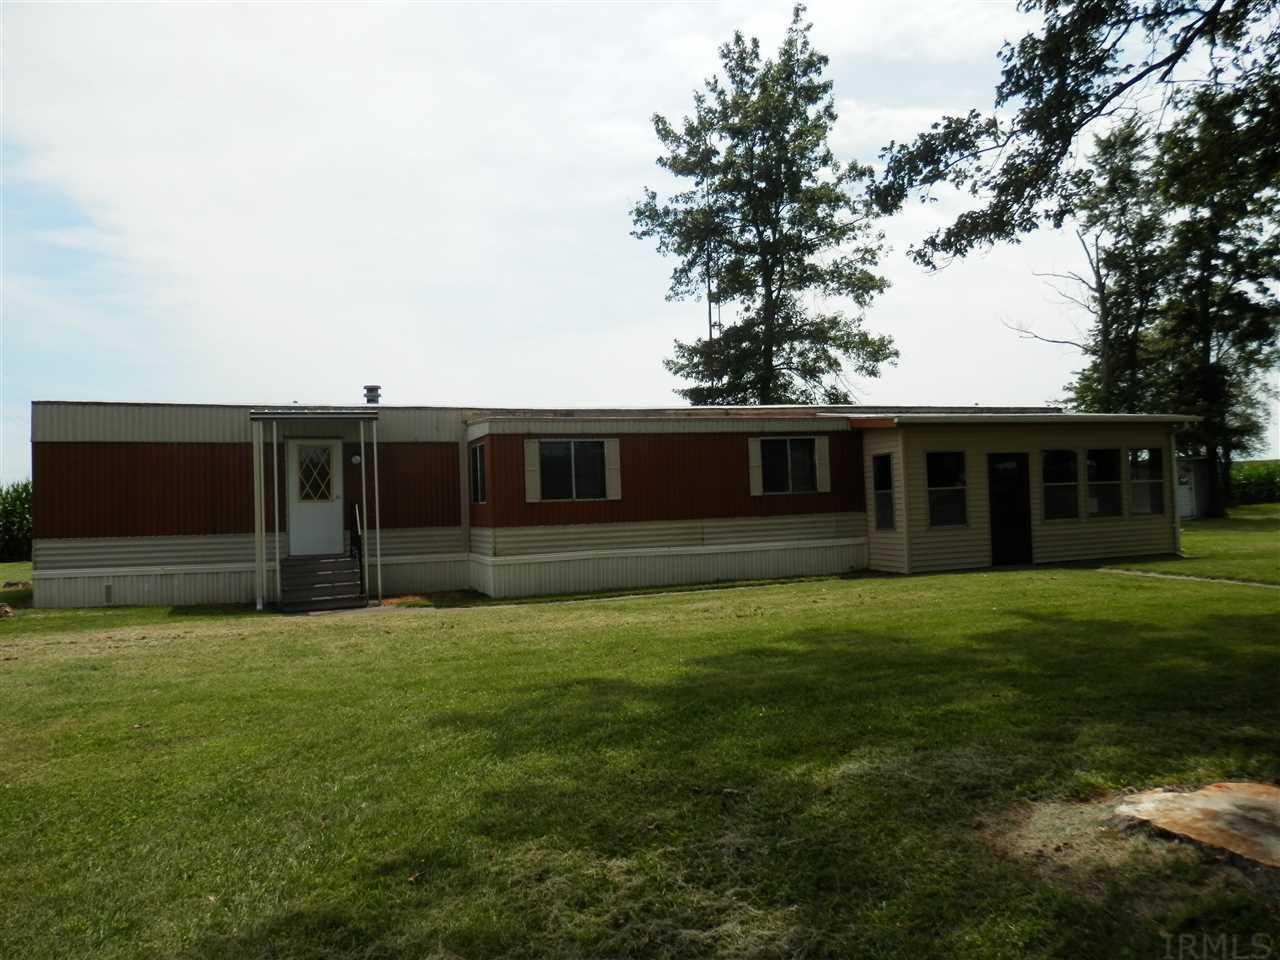 19118 Tillman, Monroeville, IN 46773